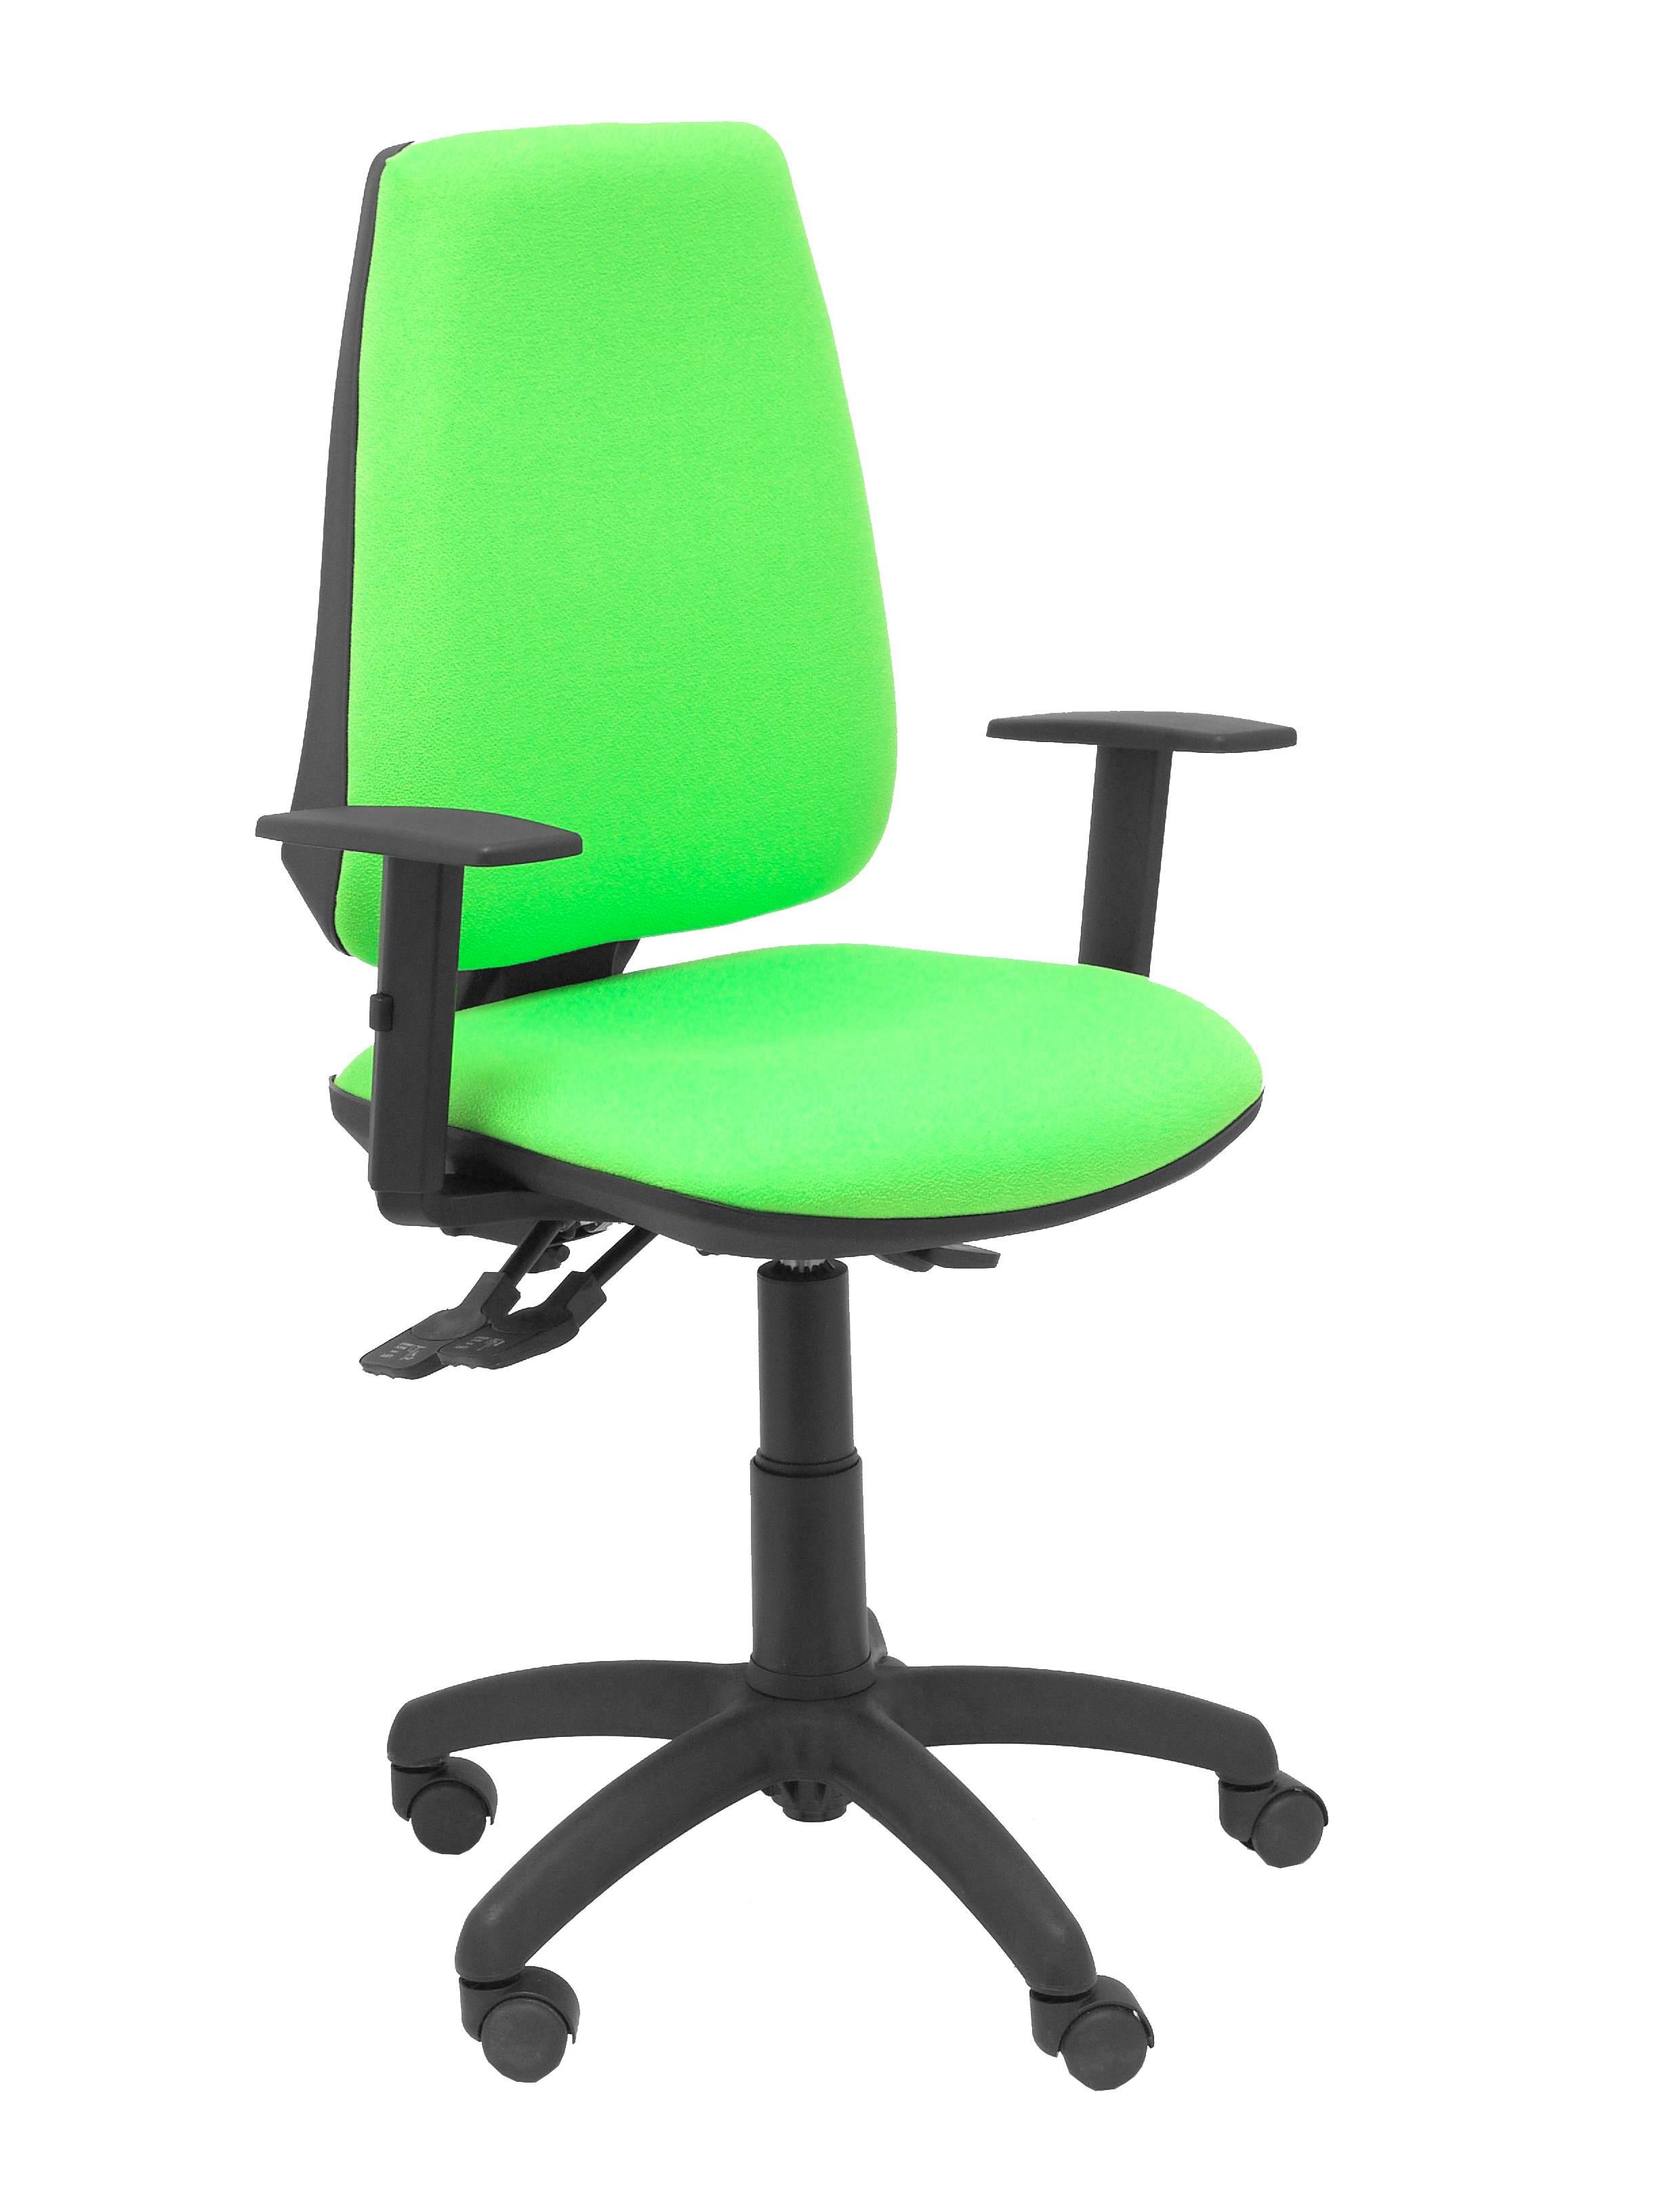 Silla Elche S bali verde pistacho brazos regulables